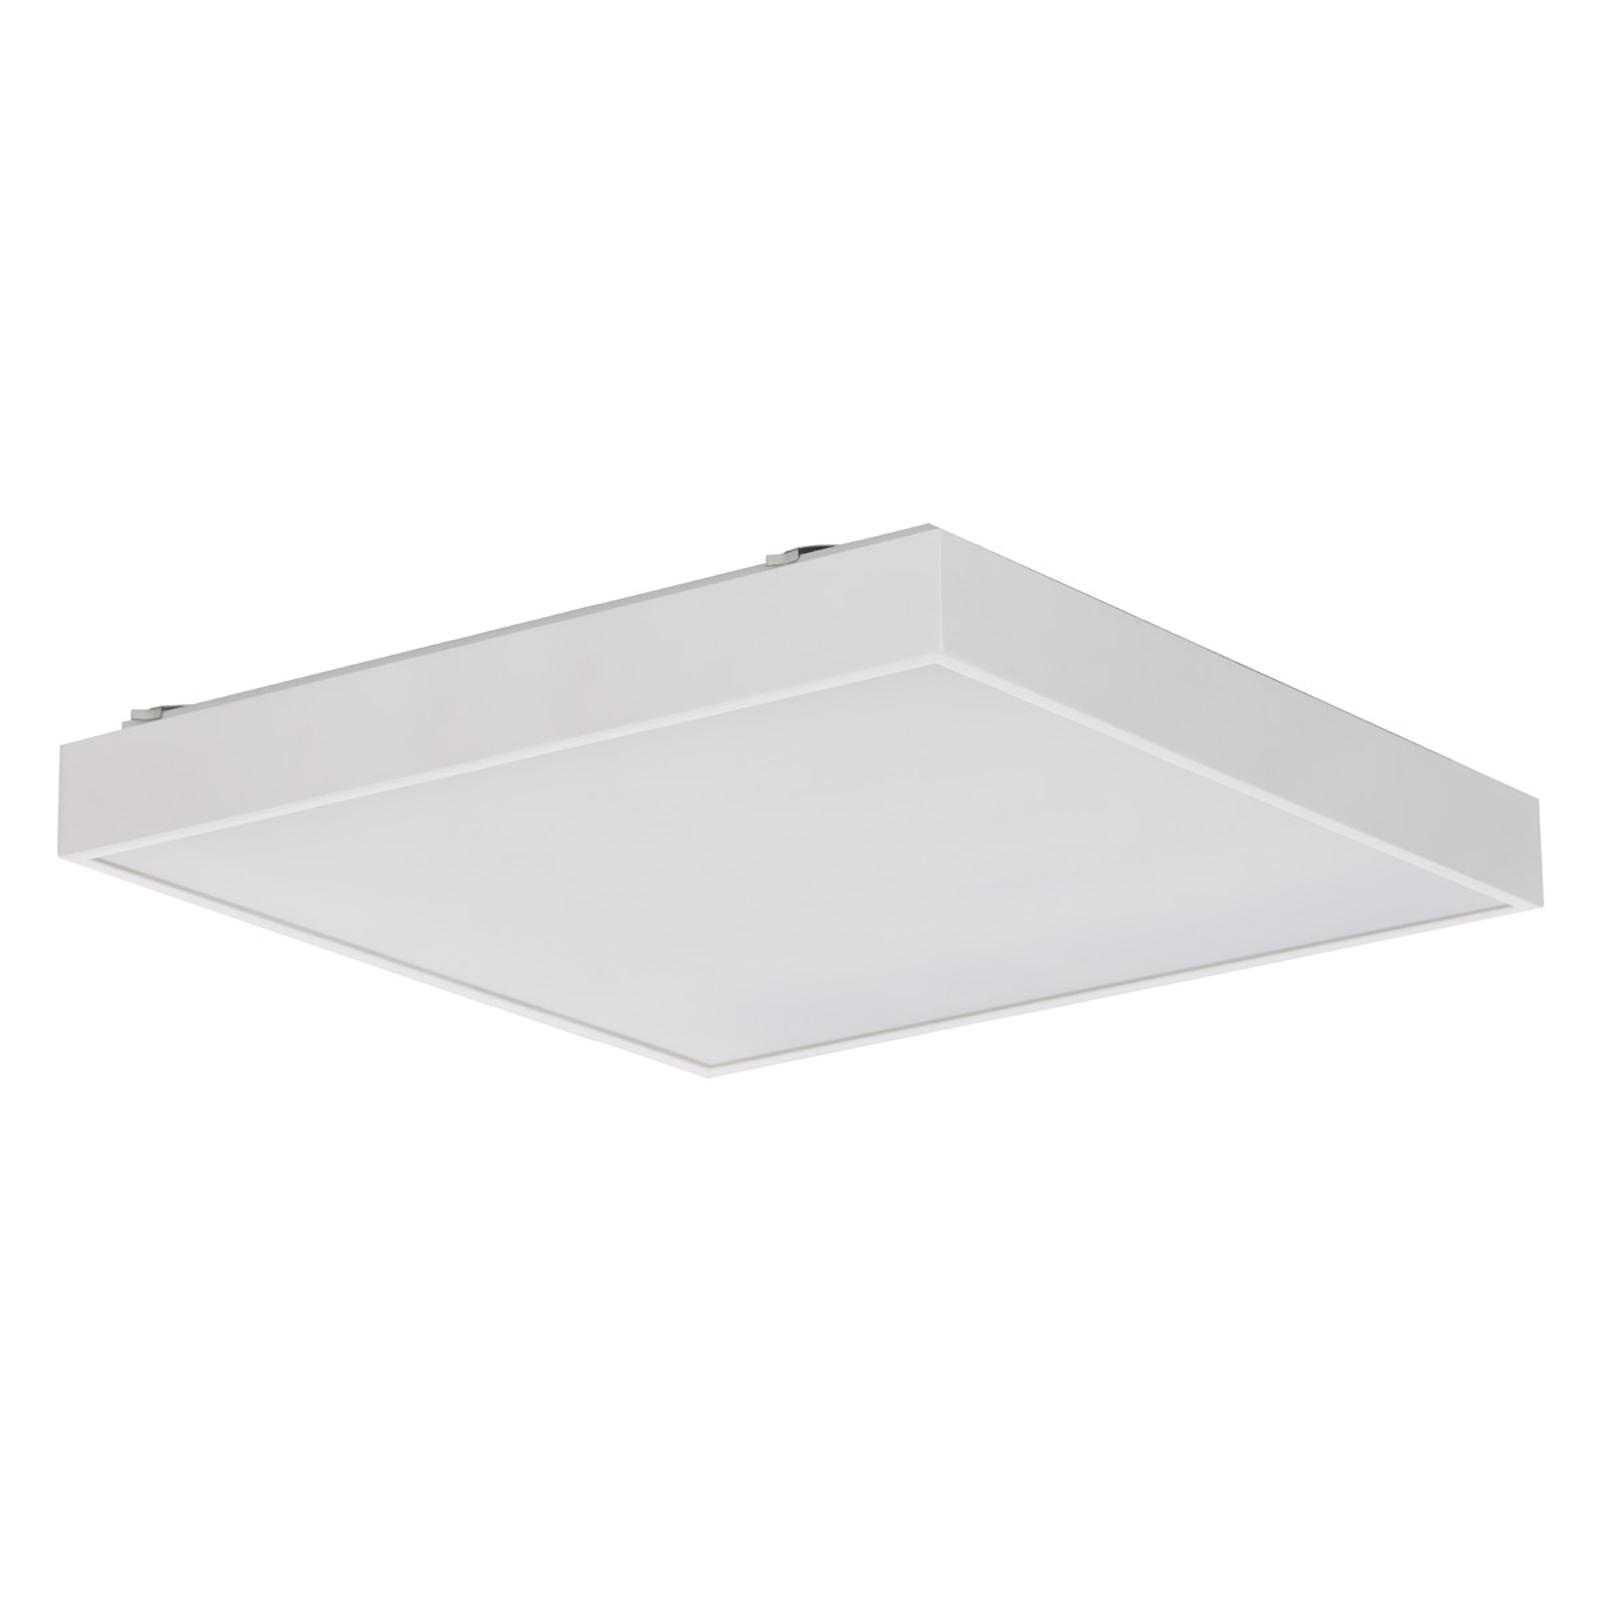 Sparsame LED-Deckenleuchte Q6 weiß DALI